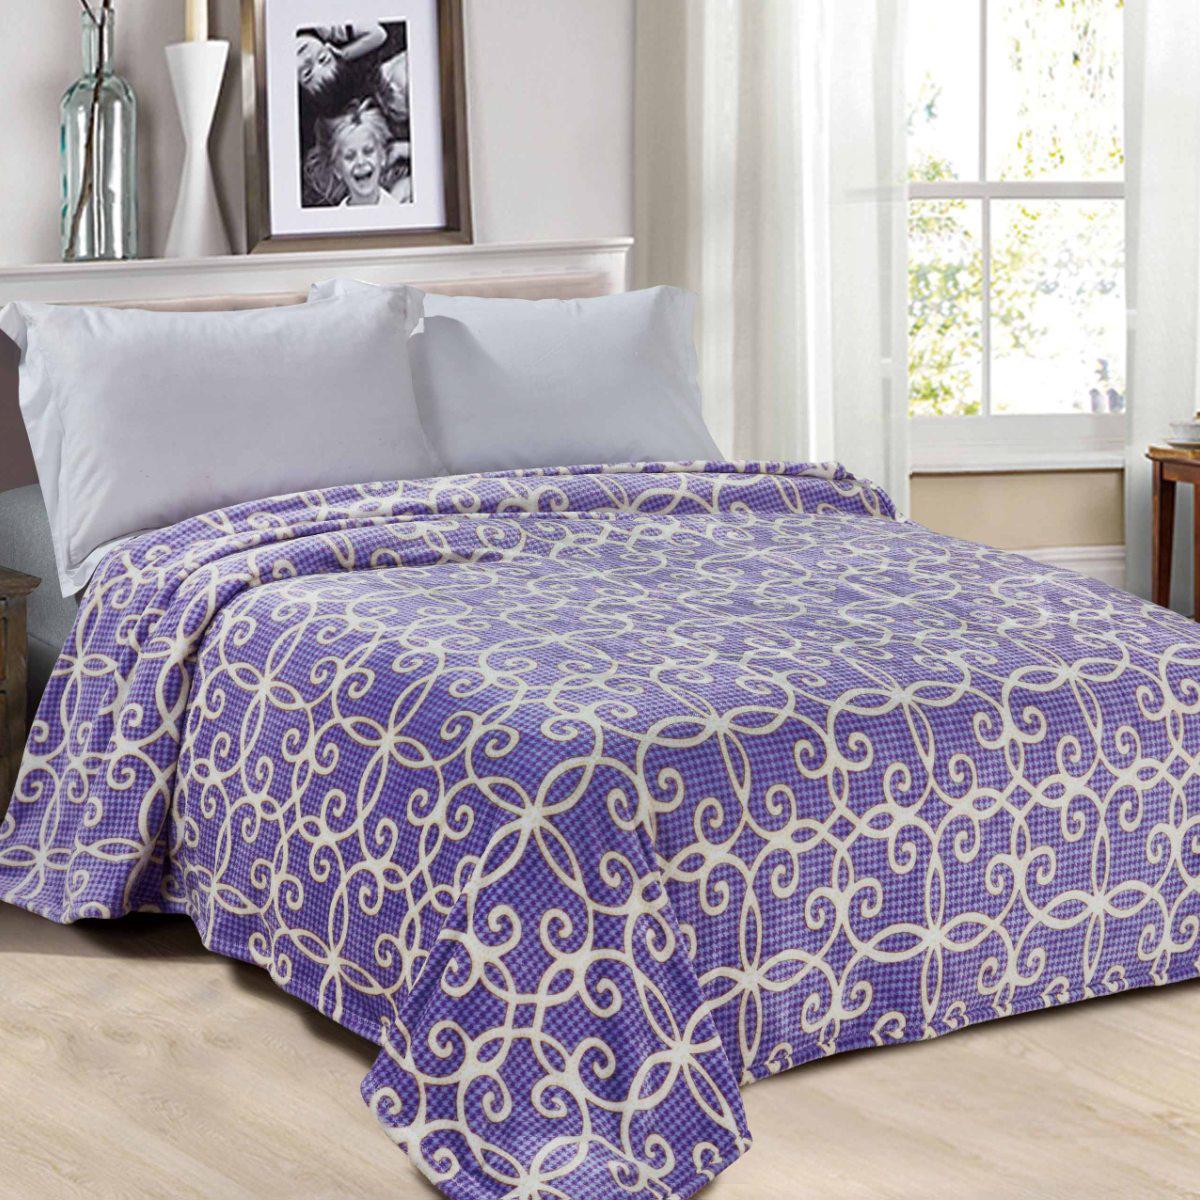 Плед Letto Велсофт, цвет: фиолетовый, 140 х 200 см. V152-3 цена